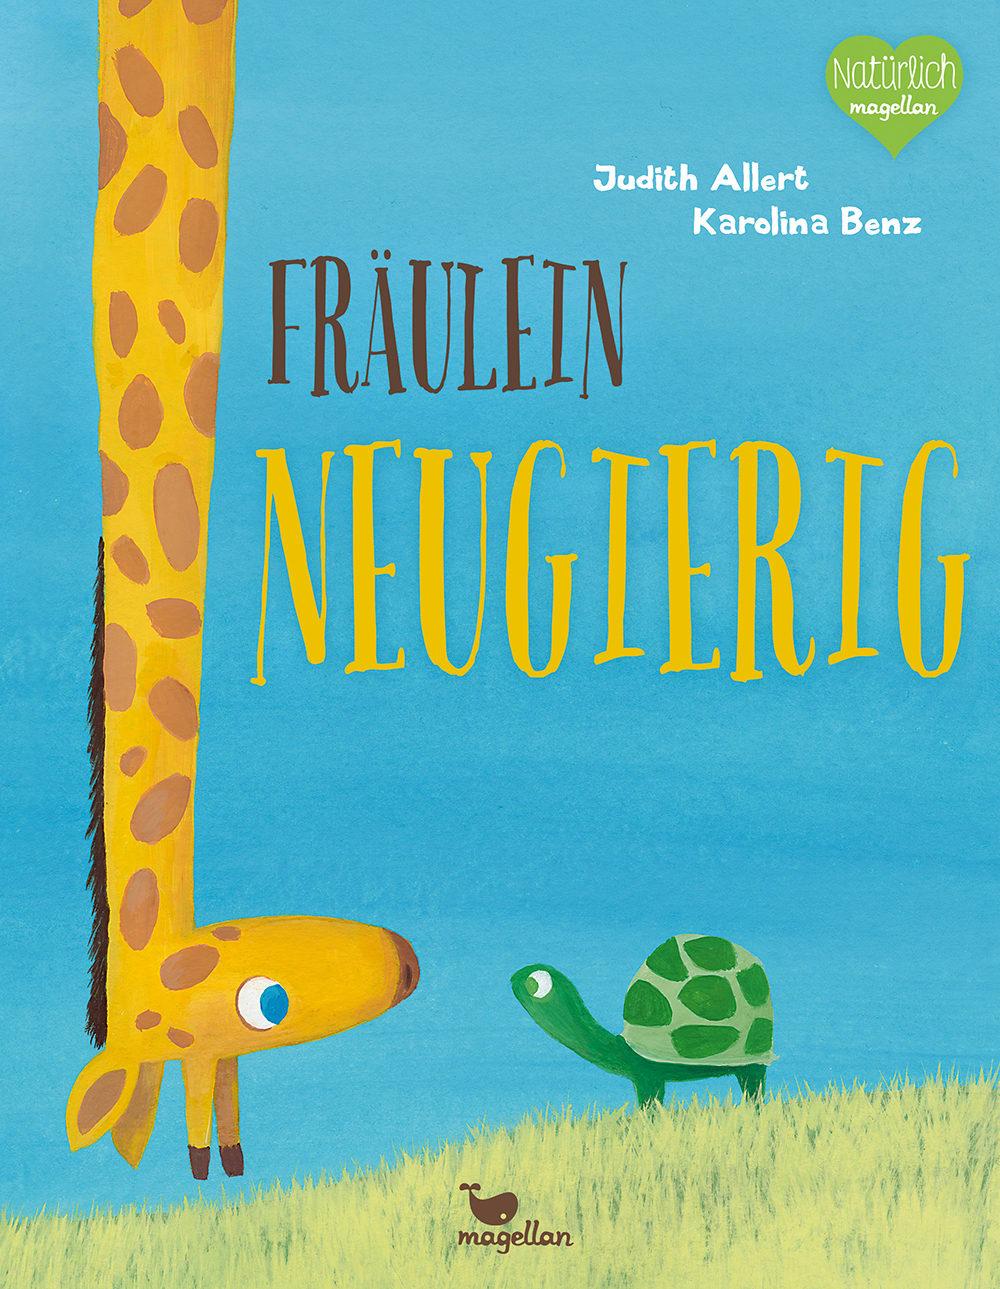 Cover Fräulein Neugierig Bilderbuch von Judith Allert und Karolina Benz